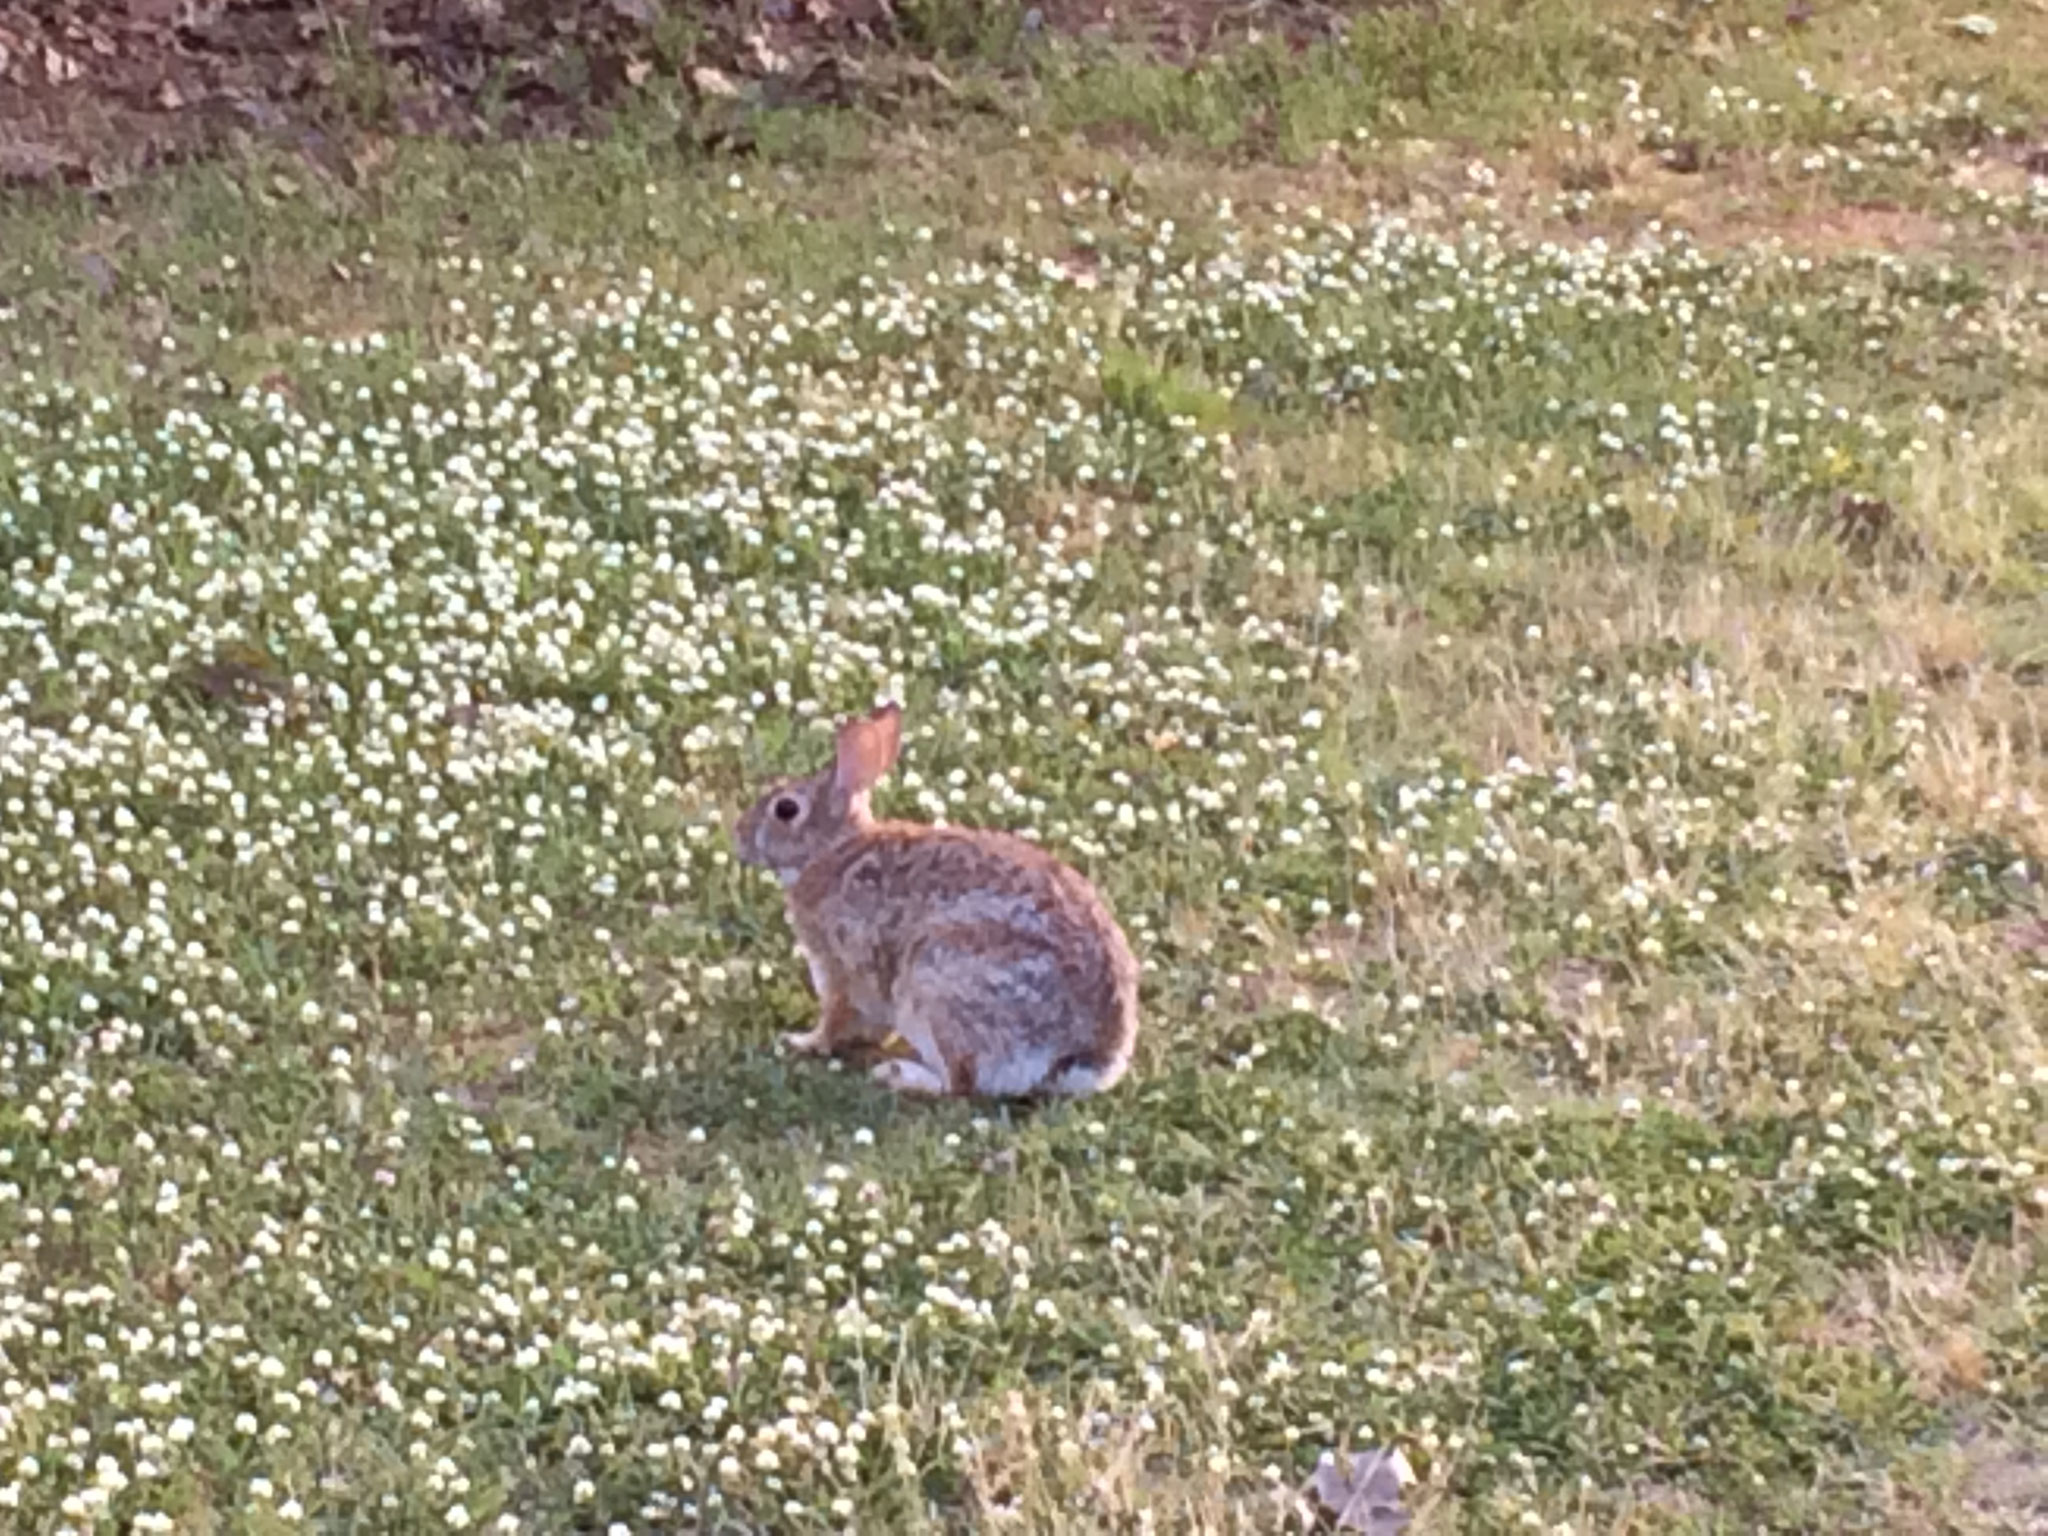 Und der Hase direkt am Spielfeldrand.